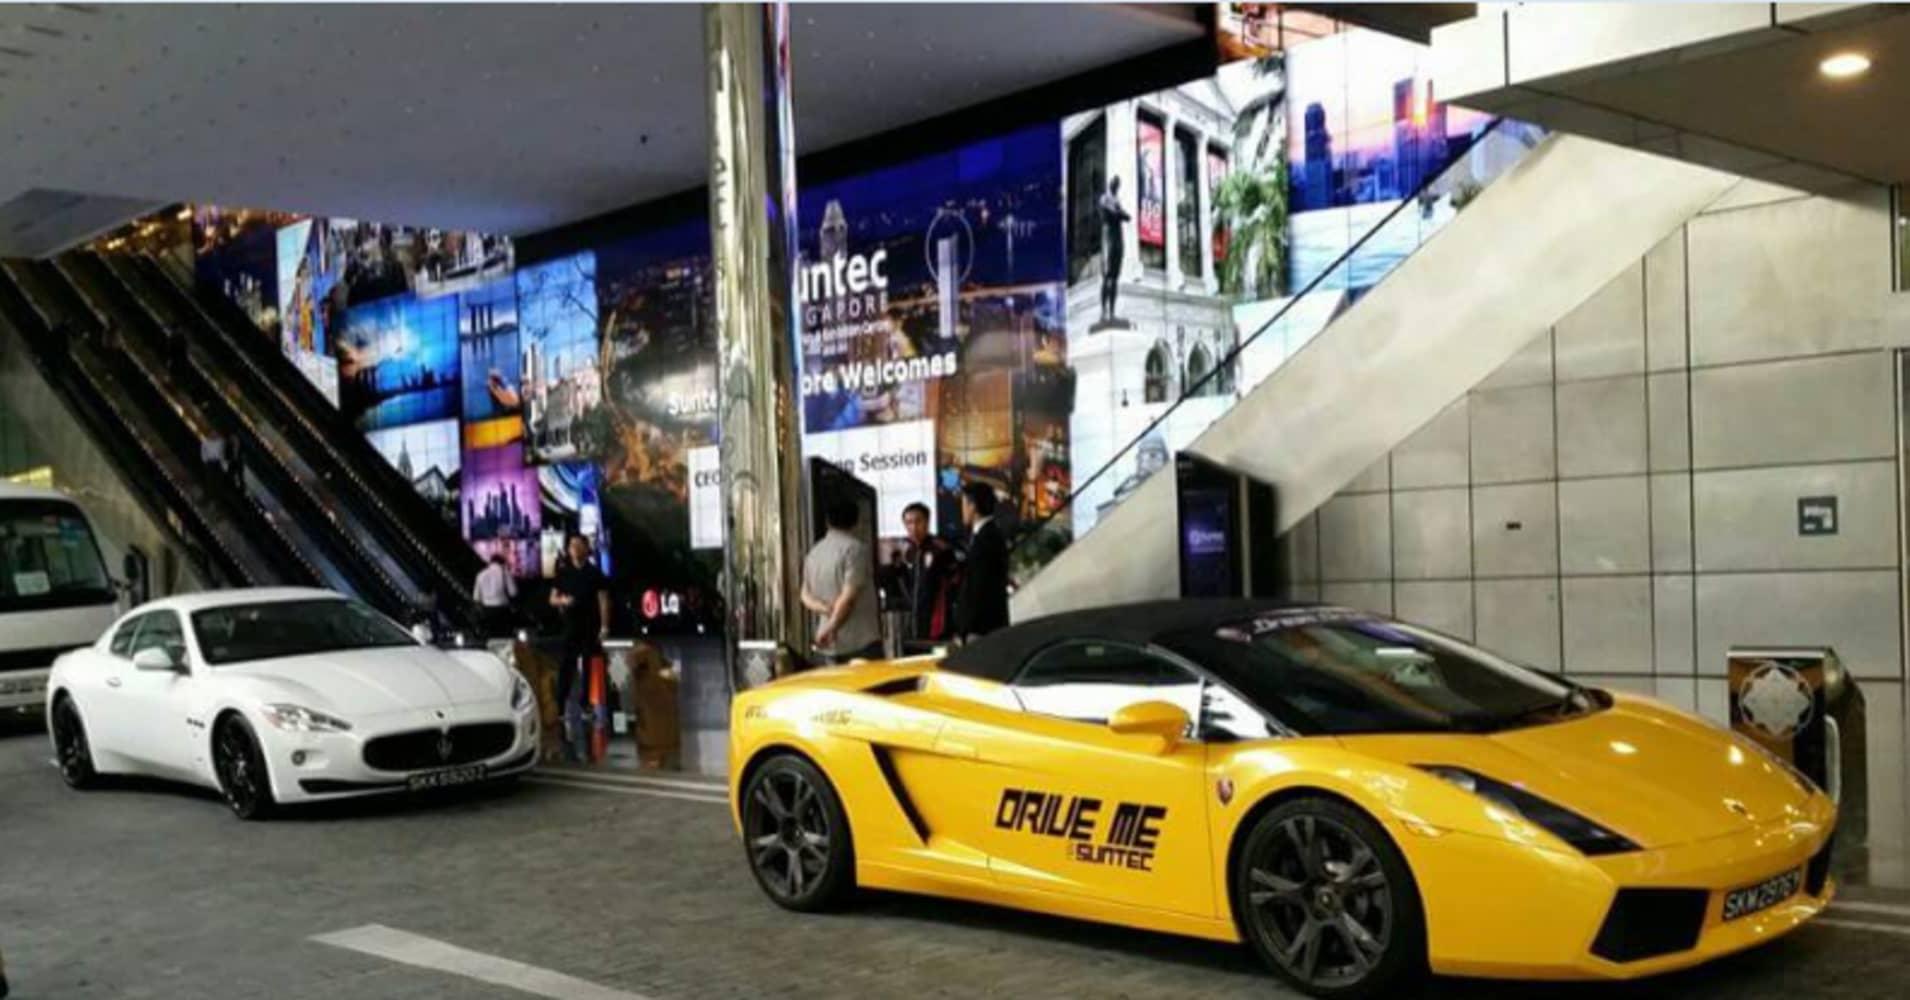 Uber Adds Lamborghinis Maseratis To Singapore Fleet